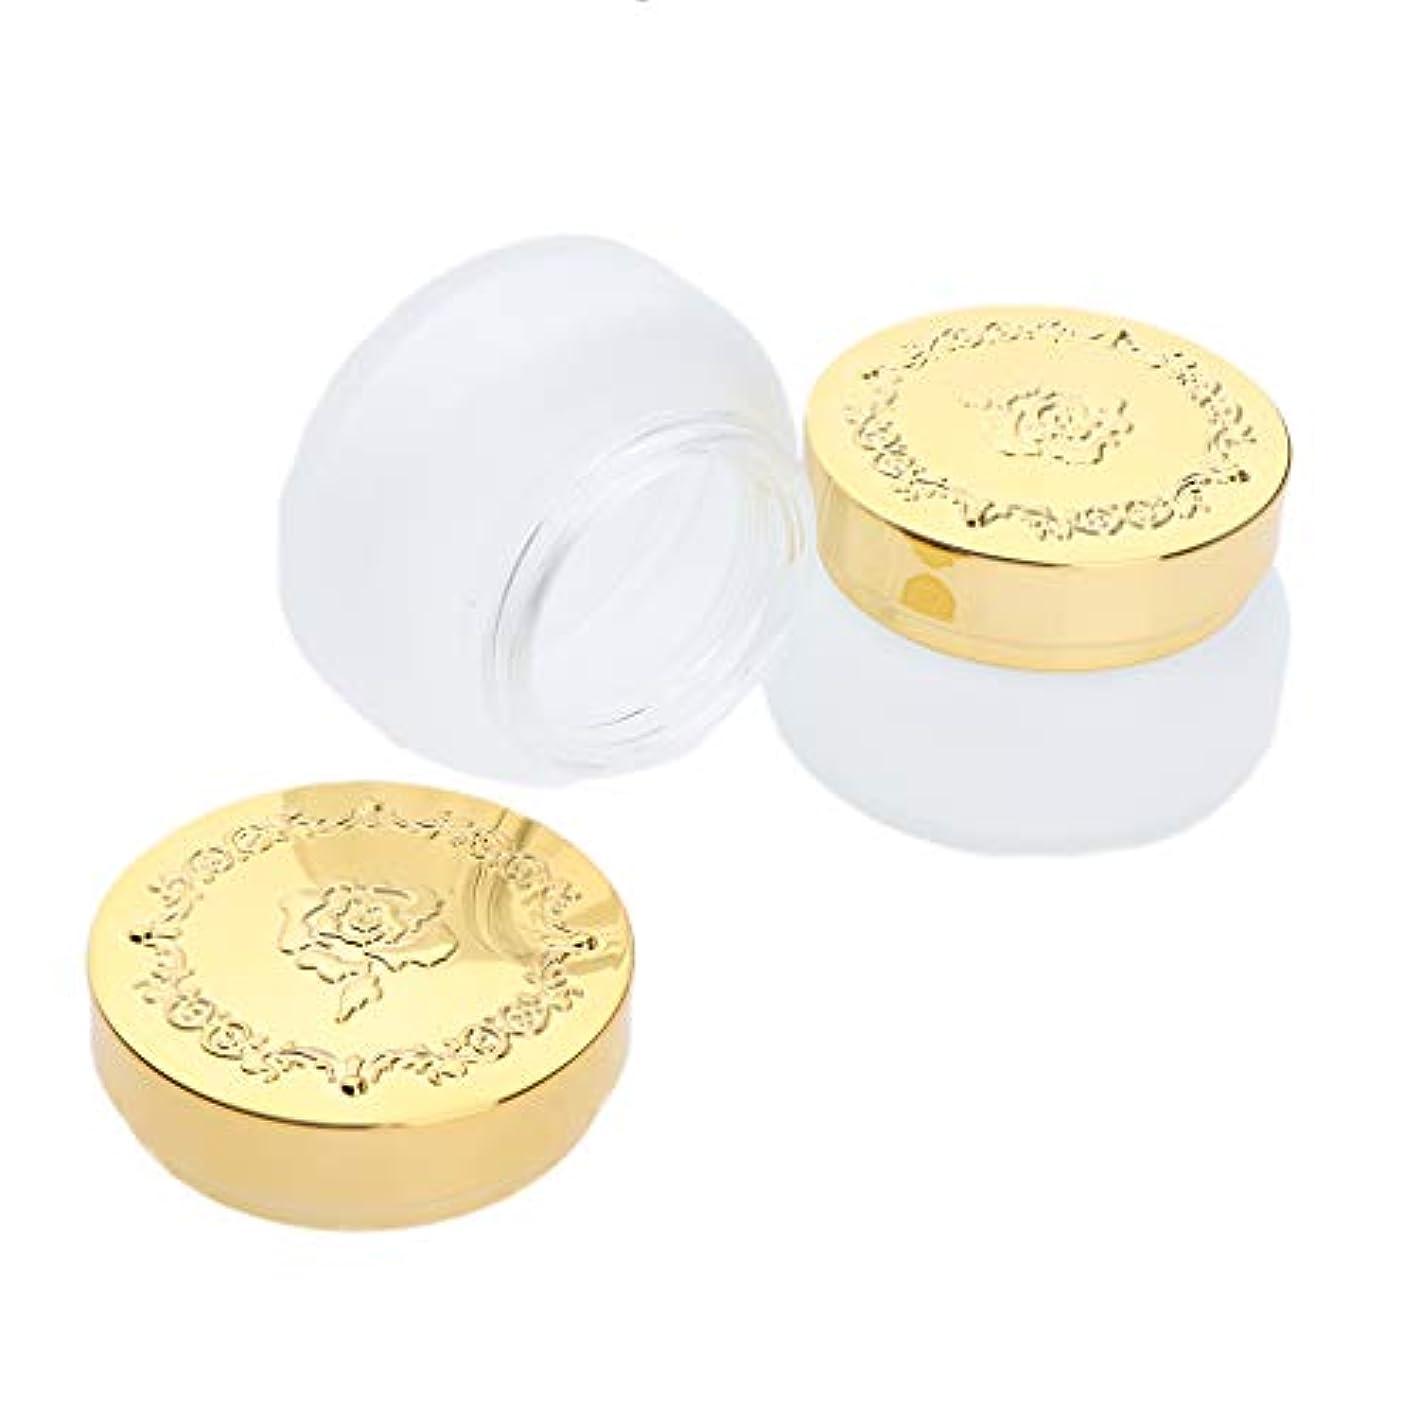 ロイヤリティ繕う潤滑する2個 メイクアップジャー ガラス クリームジャー 手作り コスメ 化粧品 詰め替え容器 2サイズ選べ - 30g